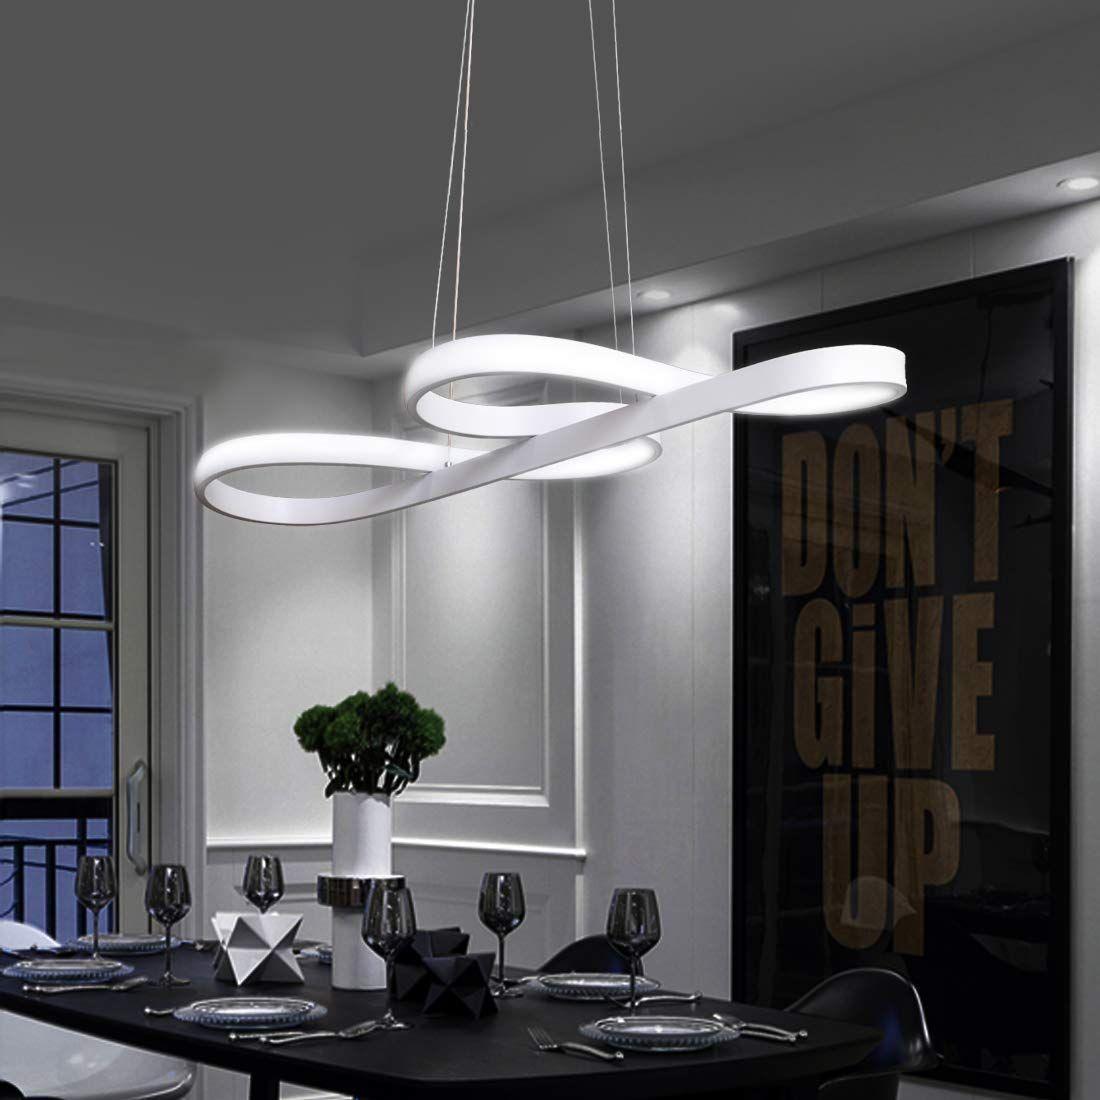 ZMH LED Pendelleuchte esstisch Pendelleuchte Weiß